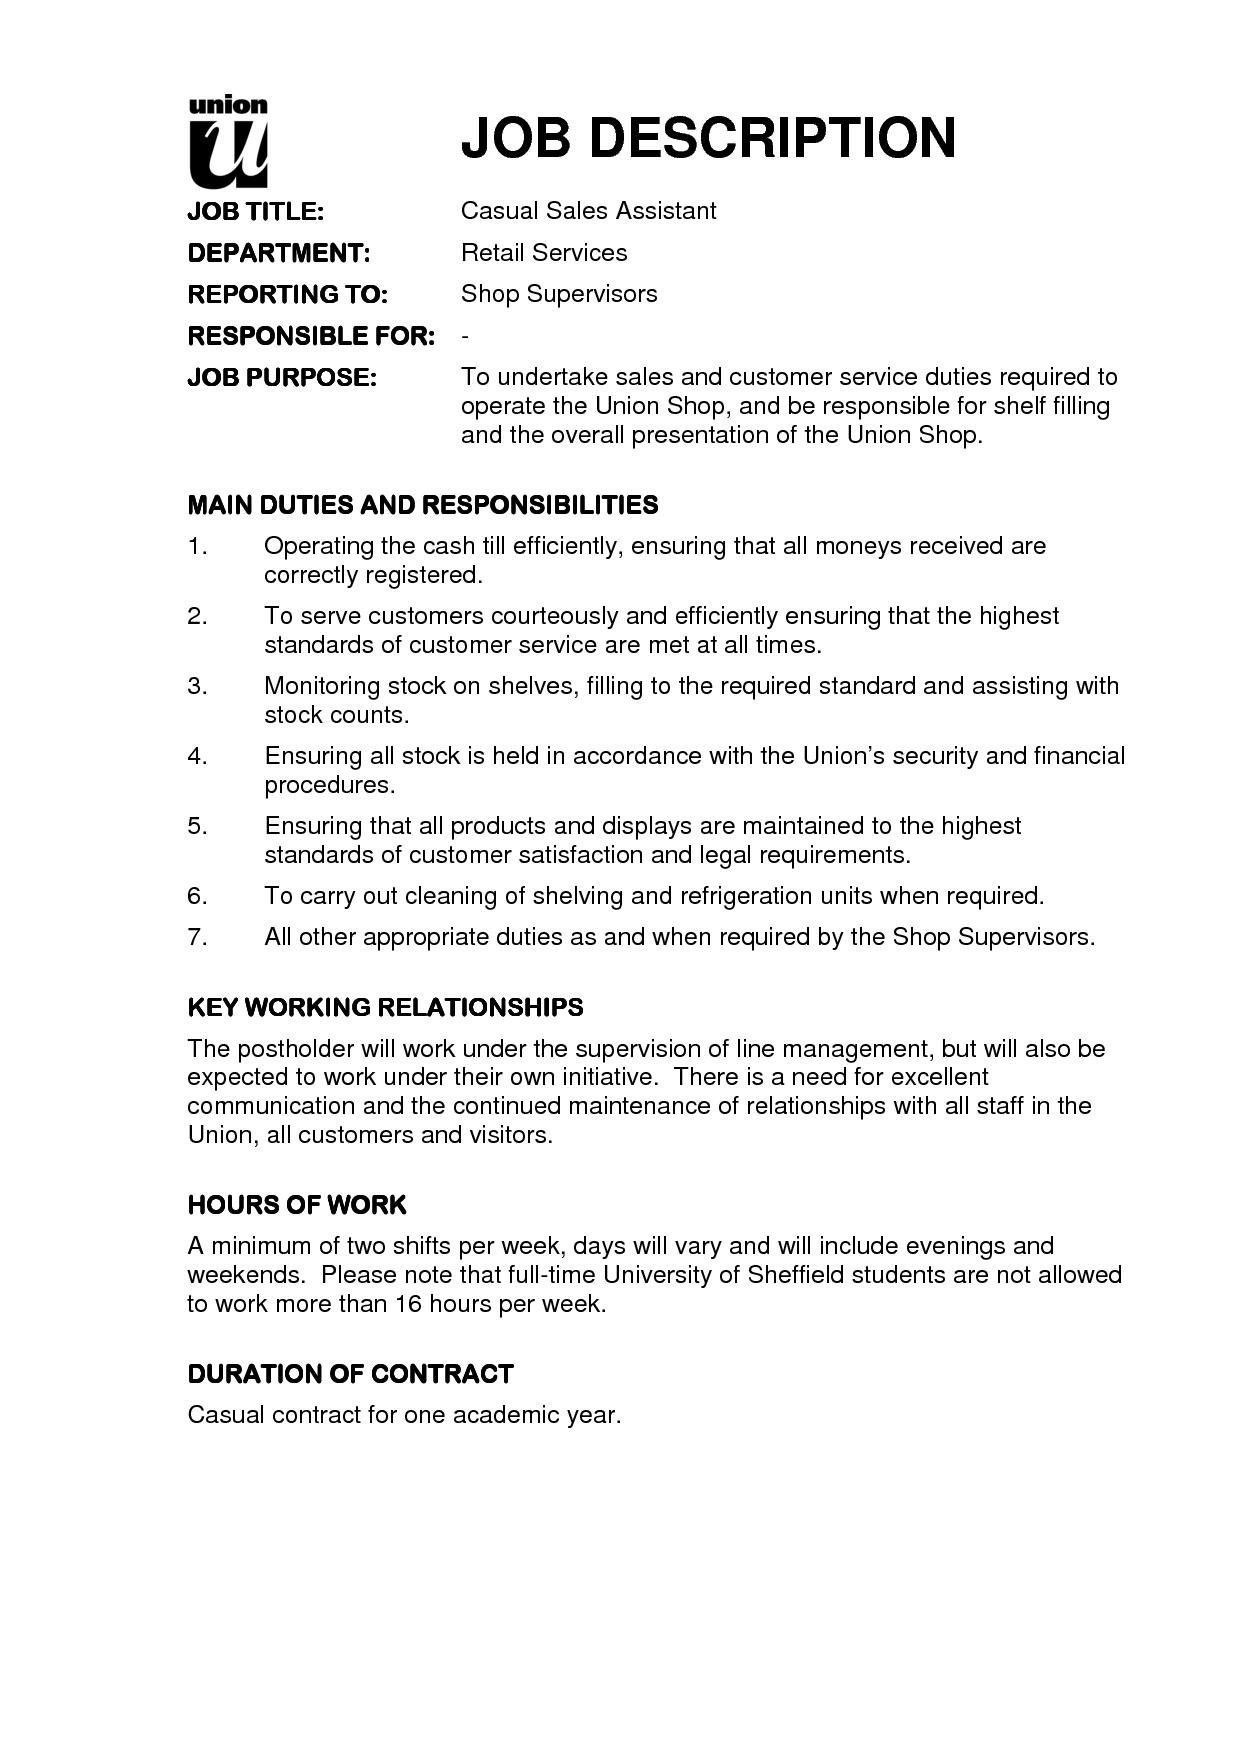 Resume Examples Job Descriptions Descriptions Examples Resume